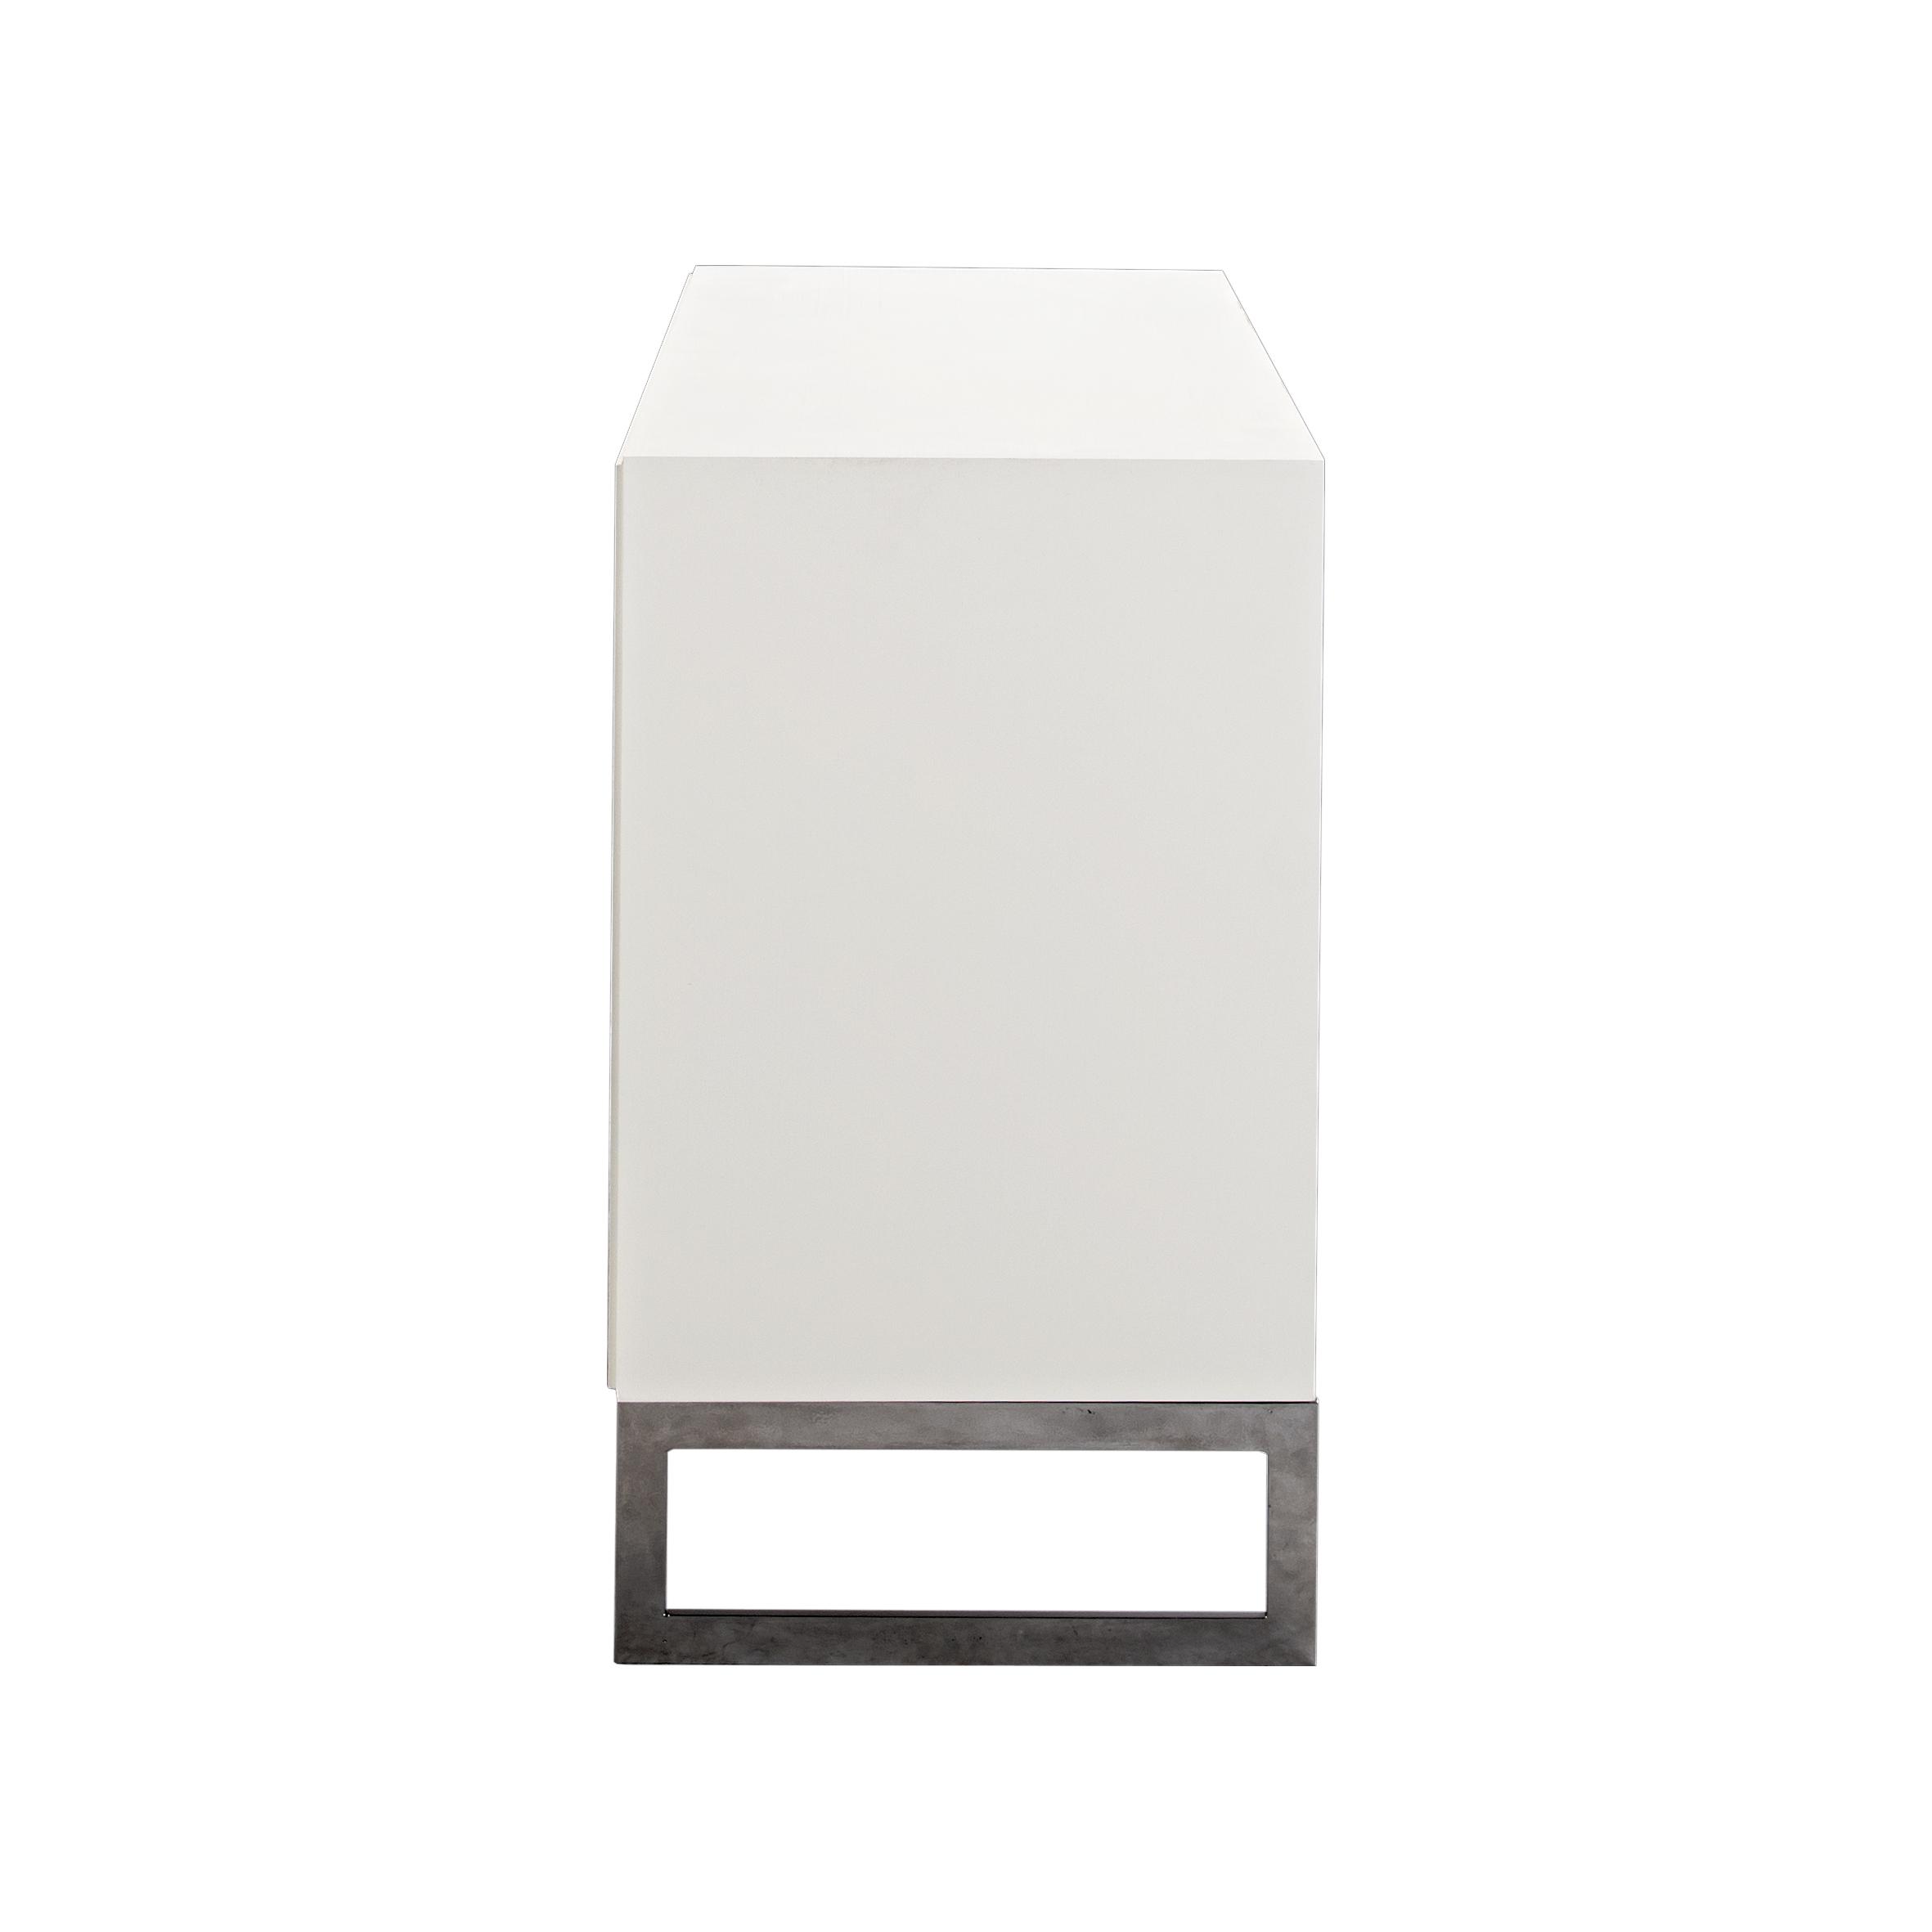 Line Byrå 3 lådor White med benställning från sidan - englesson.se